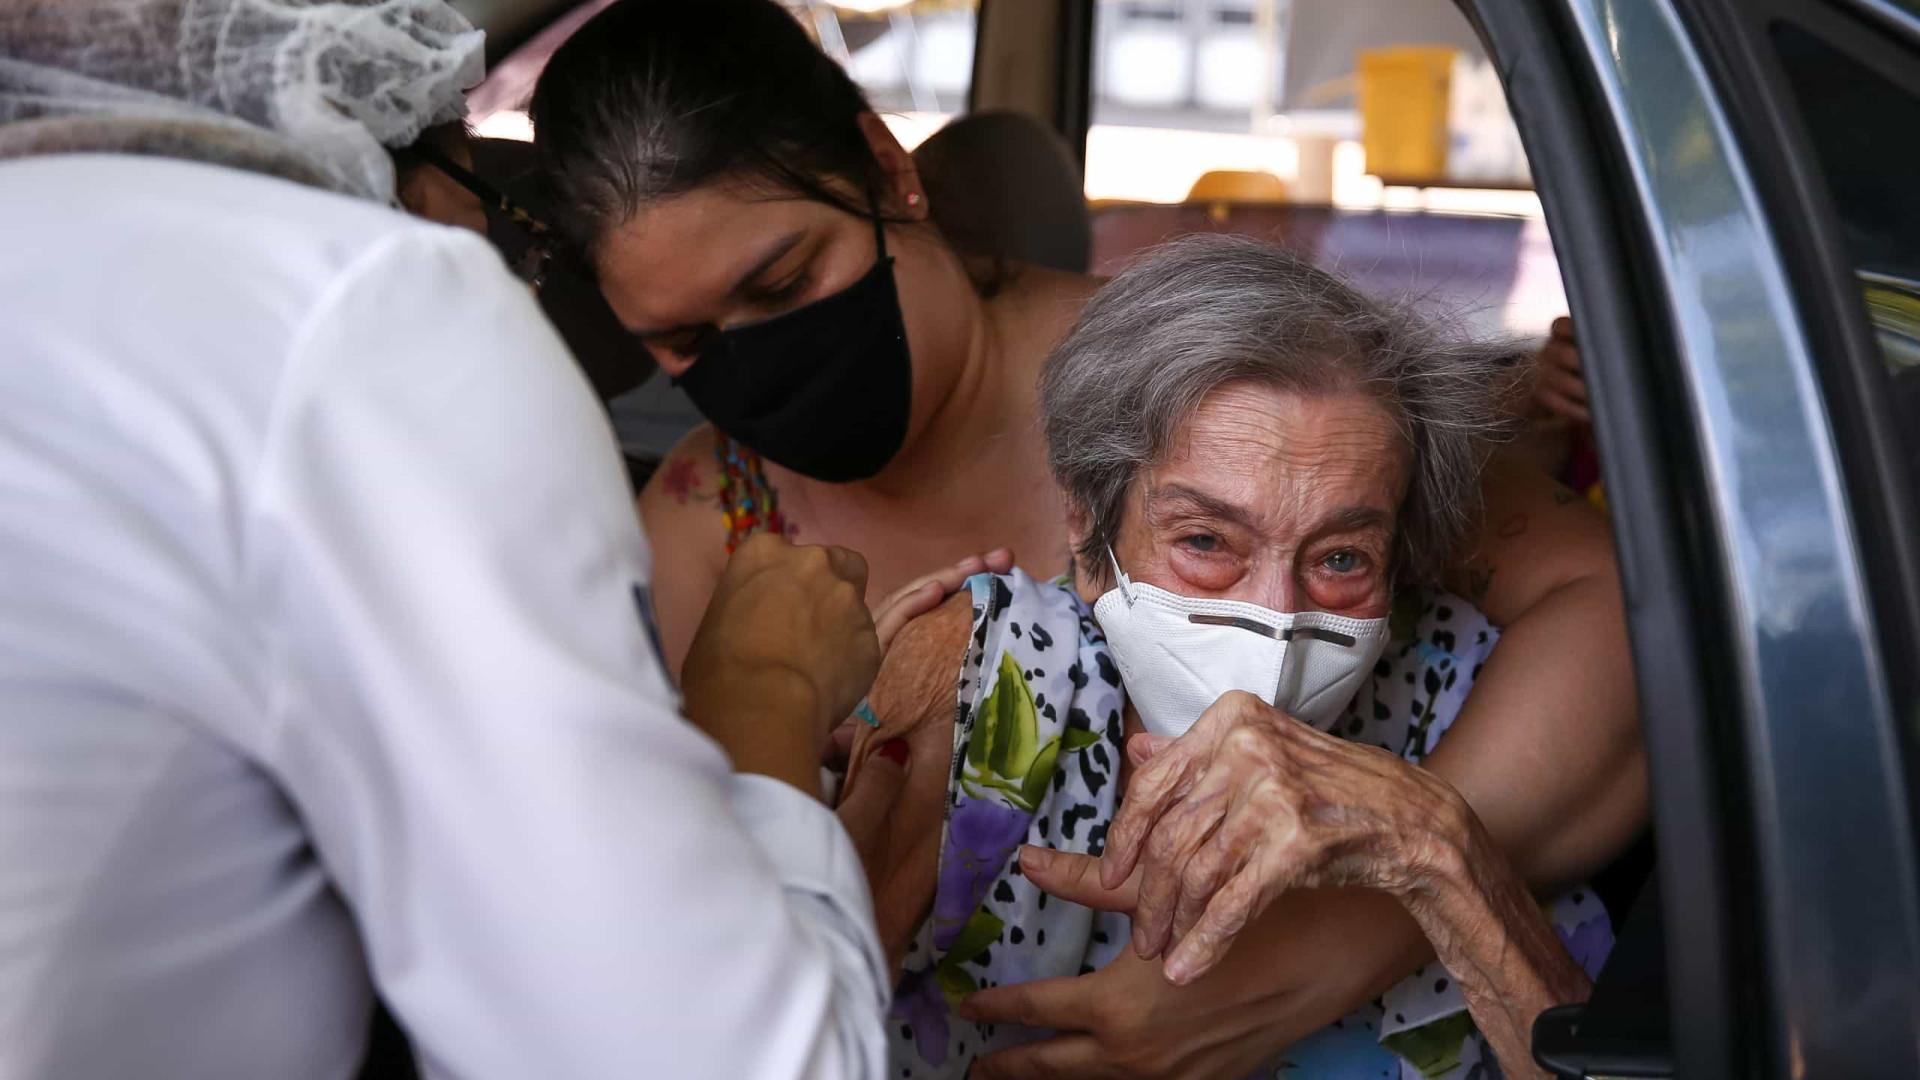 Mais de 2,2 milhões de pessoas já receberam dose de vacina contra Covid-19